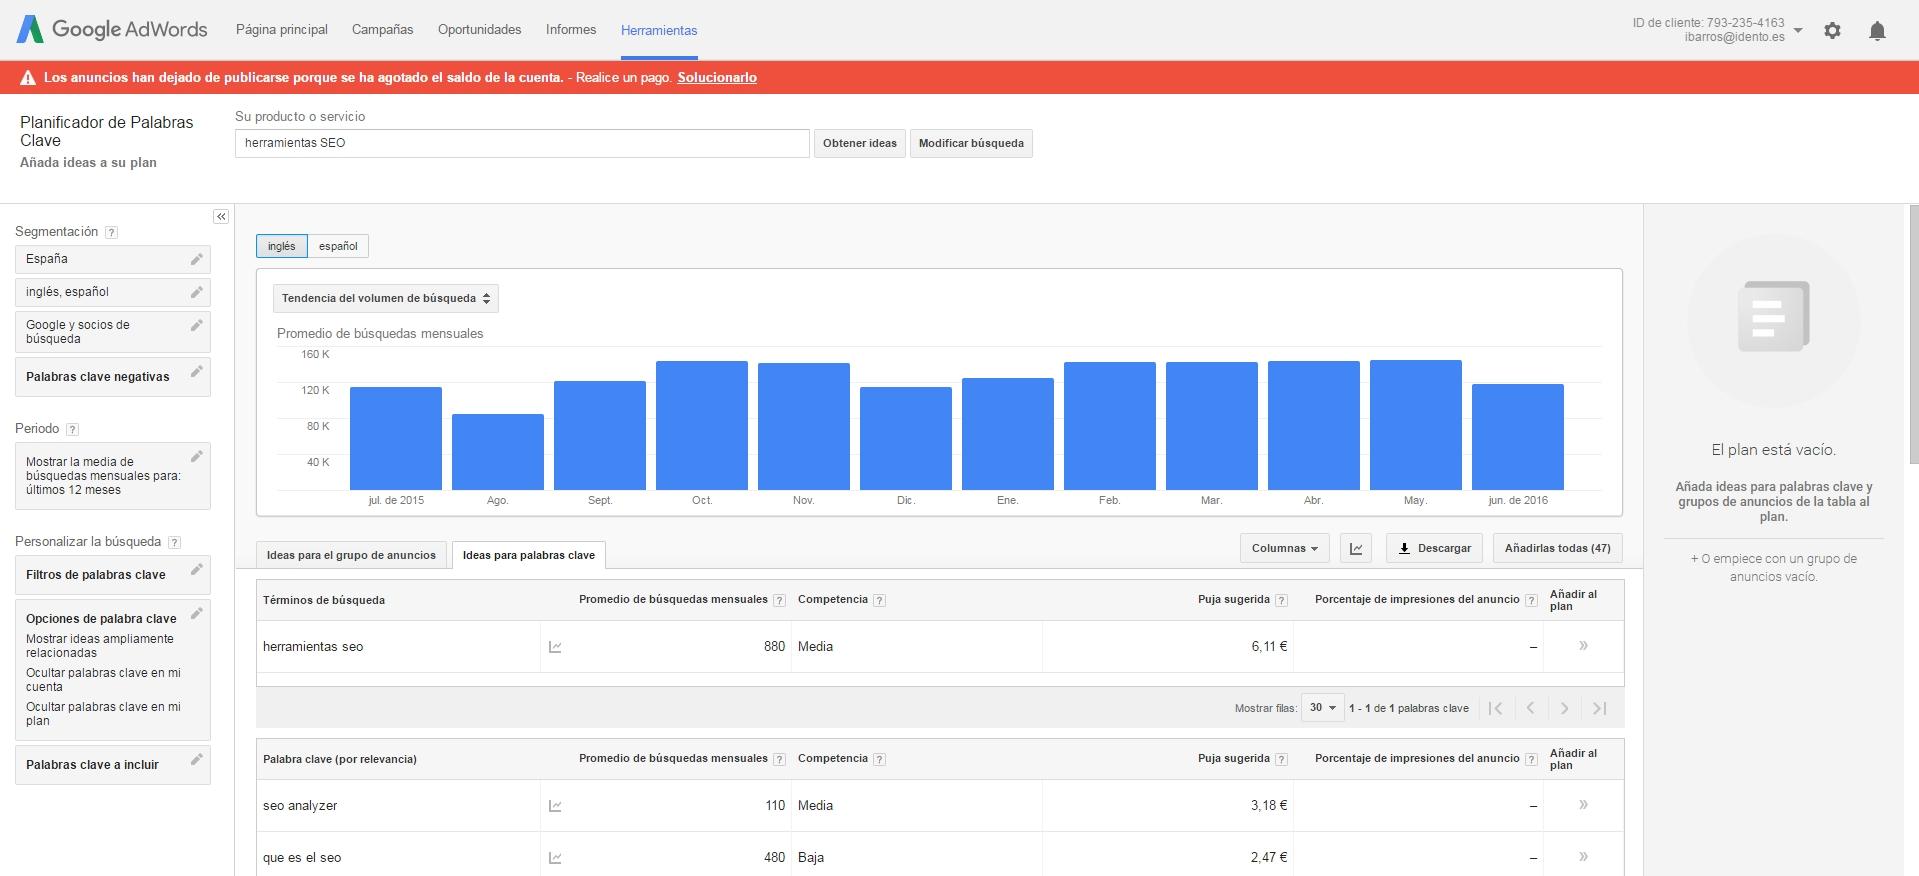 Herramientas SEO - Investigación de palabras clave | Planificador de palabras clave Google Adwords